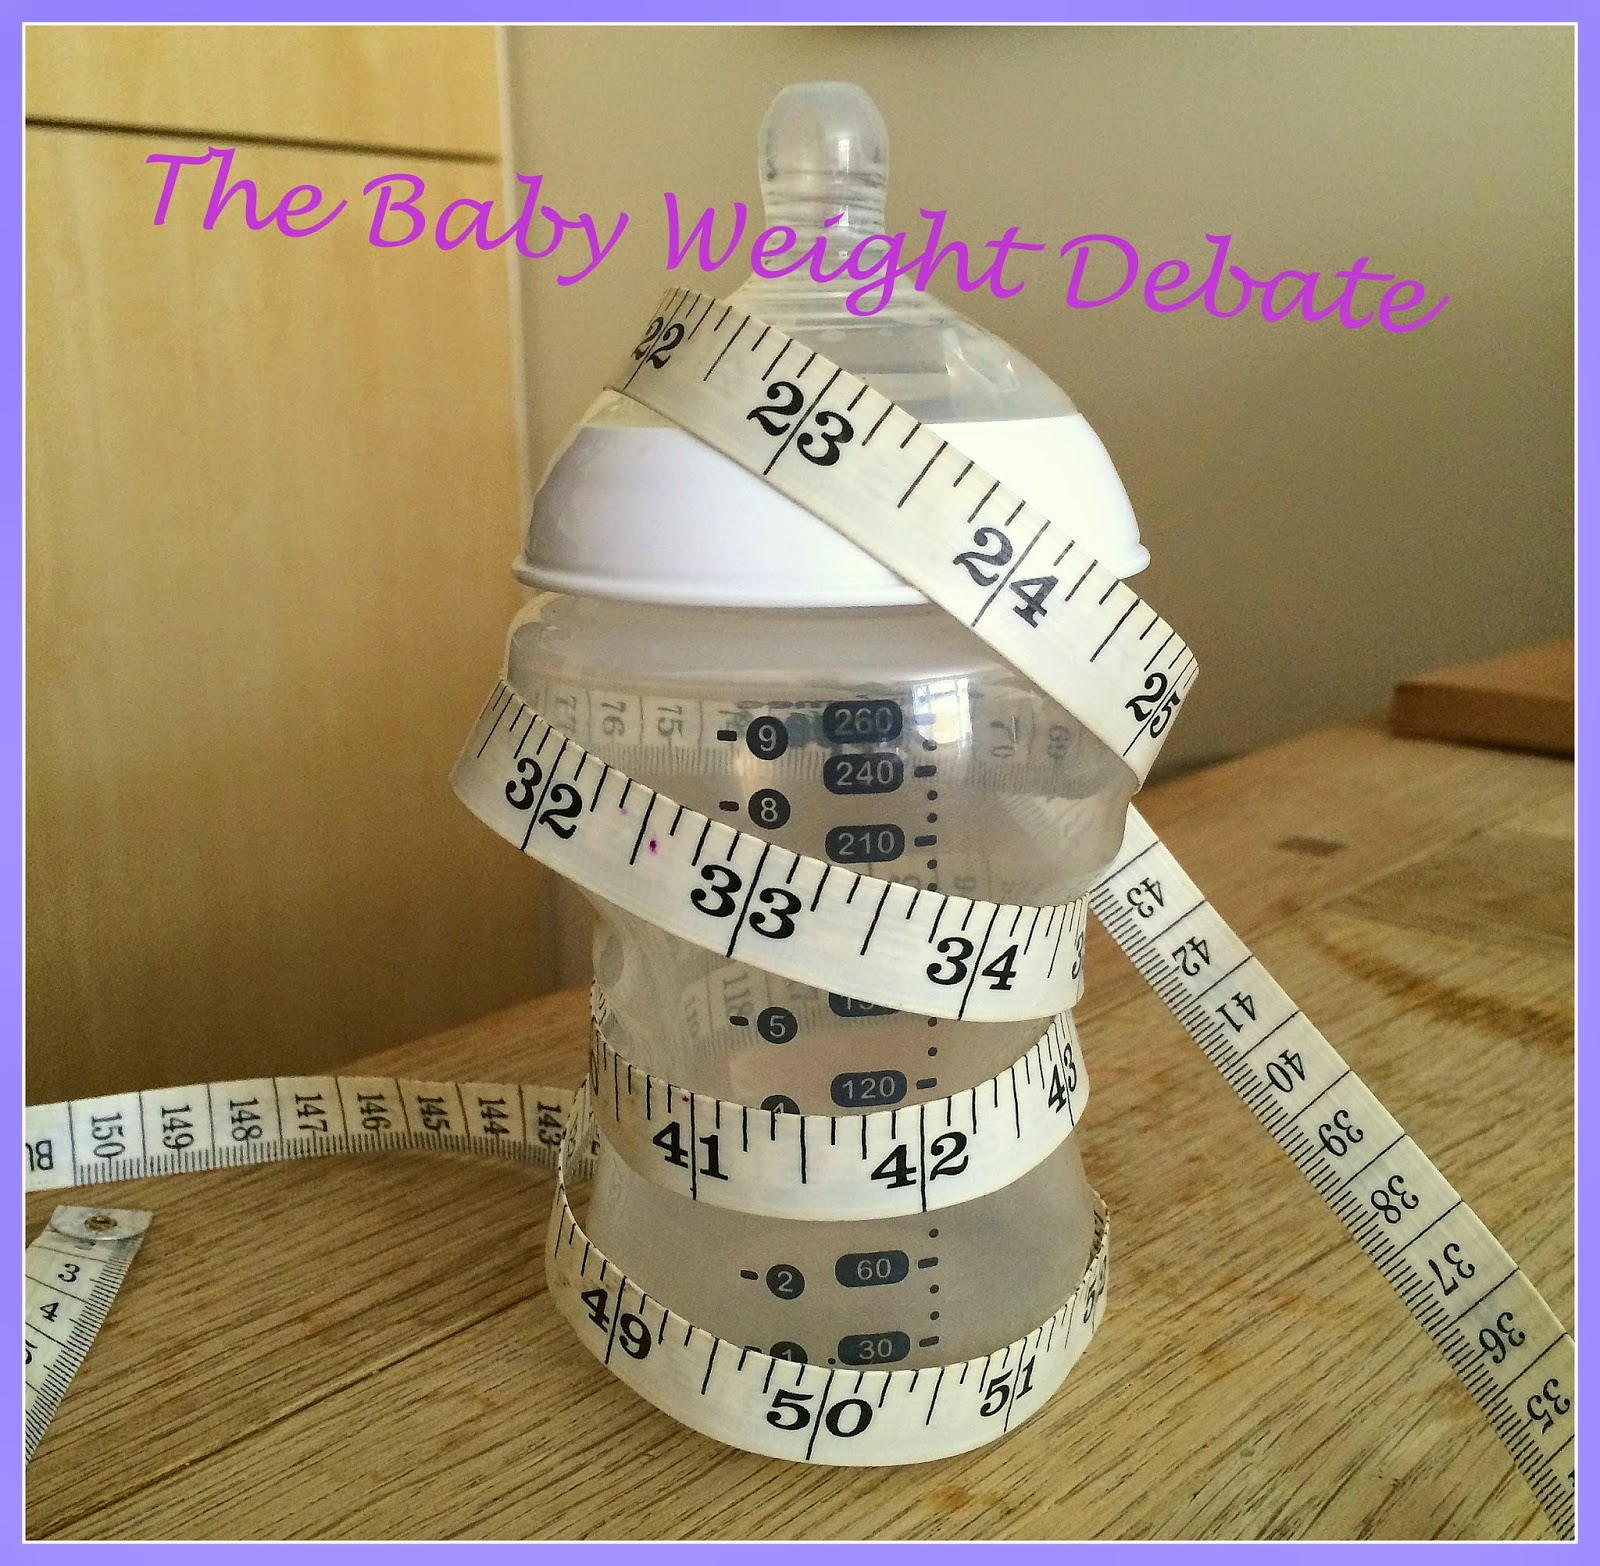 baby-weight-debate